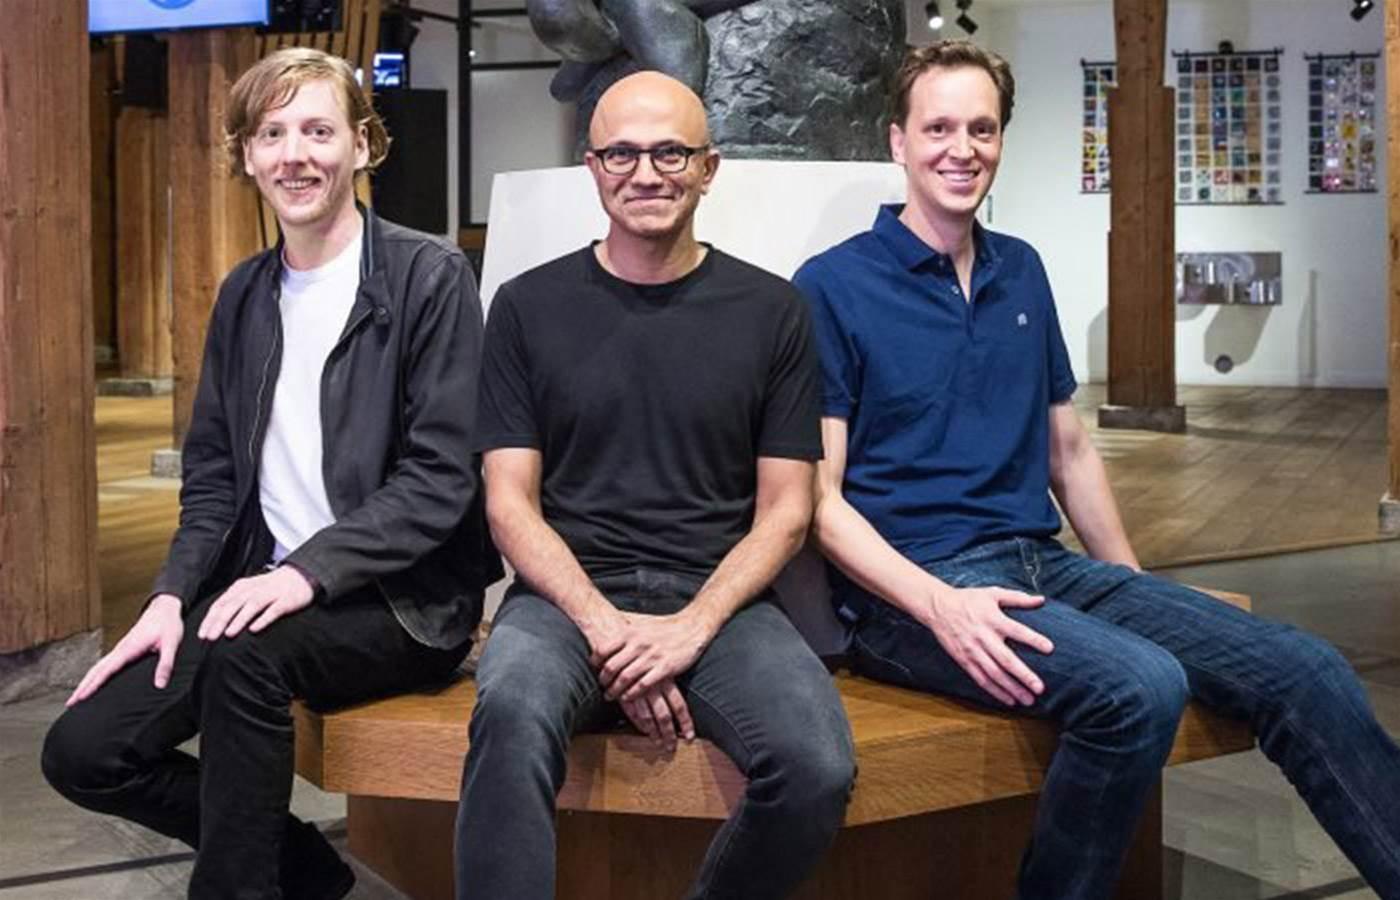 Google bid against Microsoft for GitHub: report